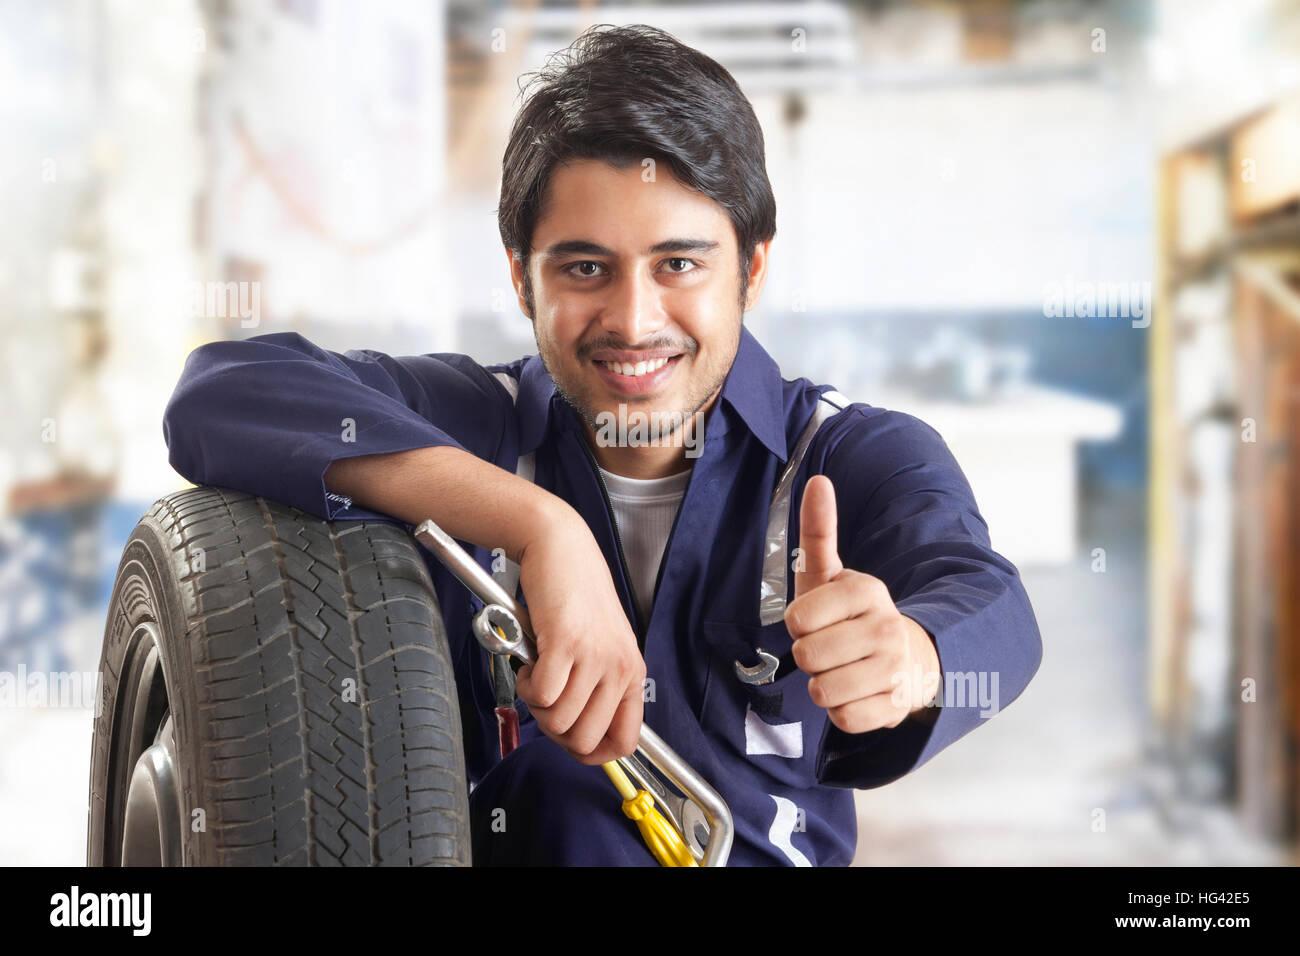 Ritratto di meccanico di automobili che mostra pollice in alto Immagini Stock